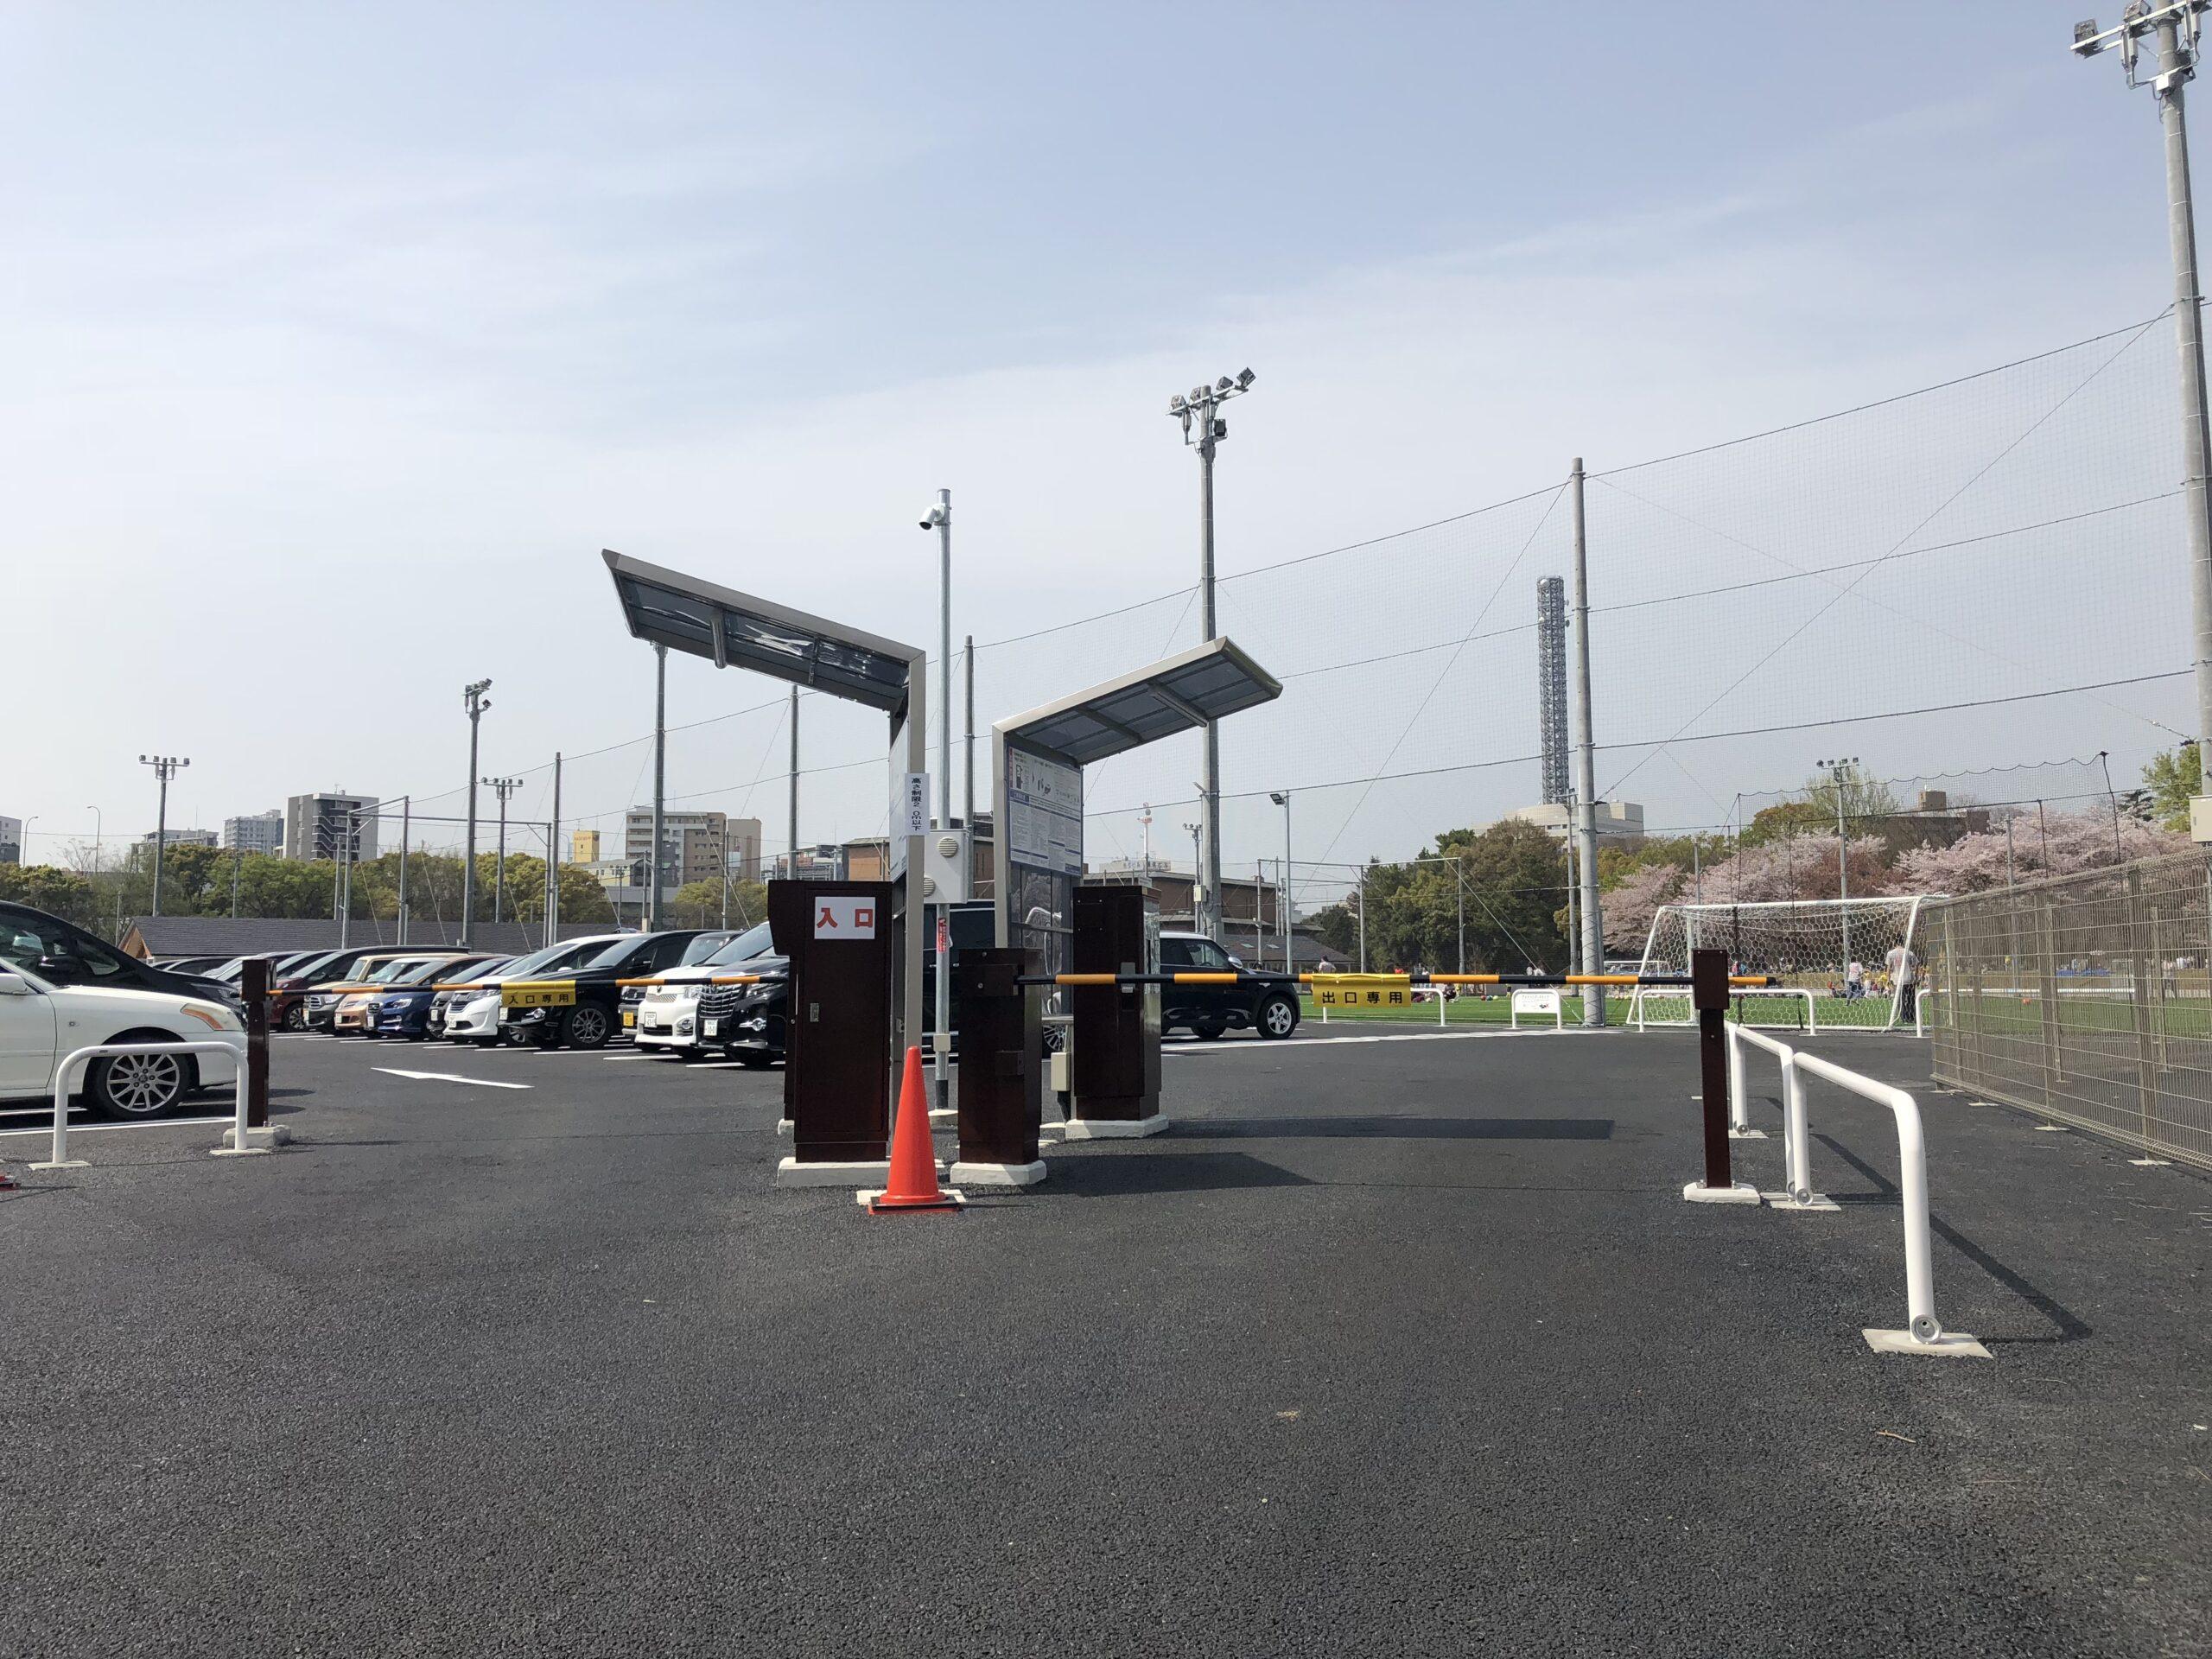 鶴舞公園南駐車場